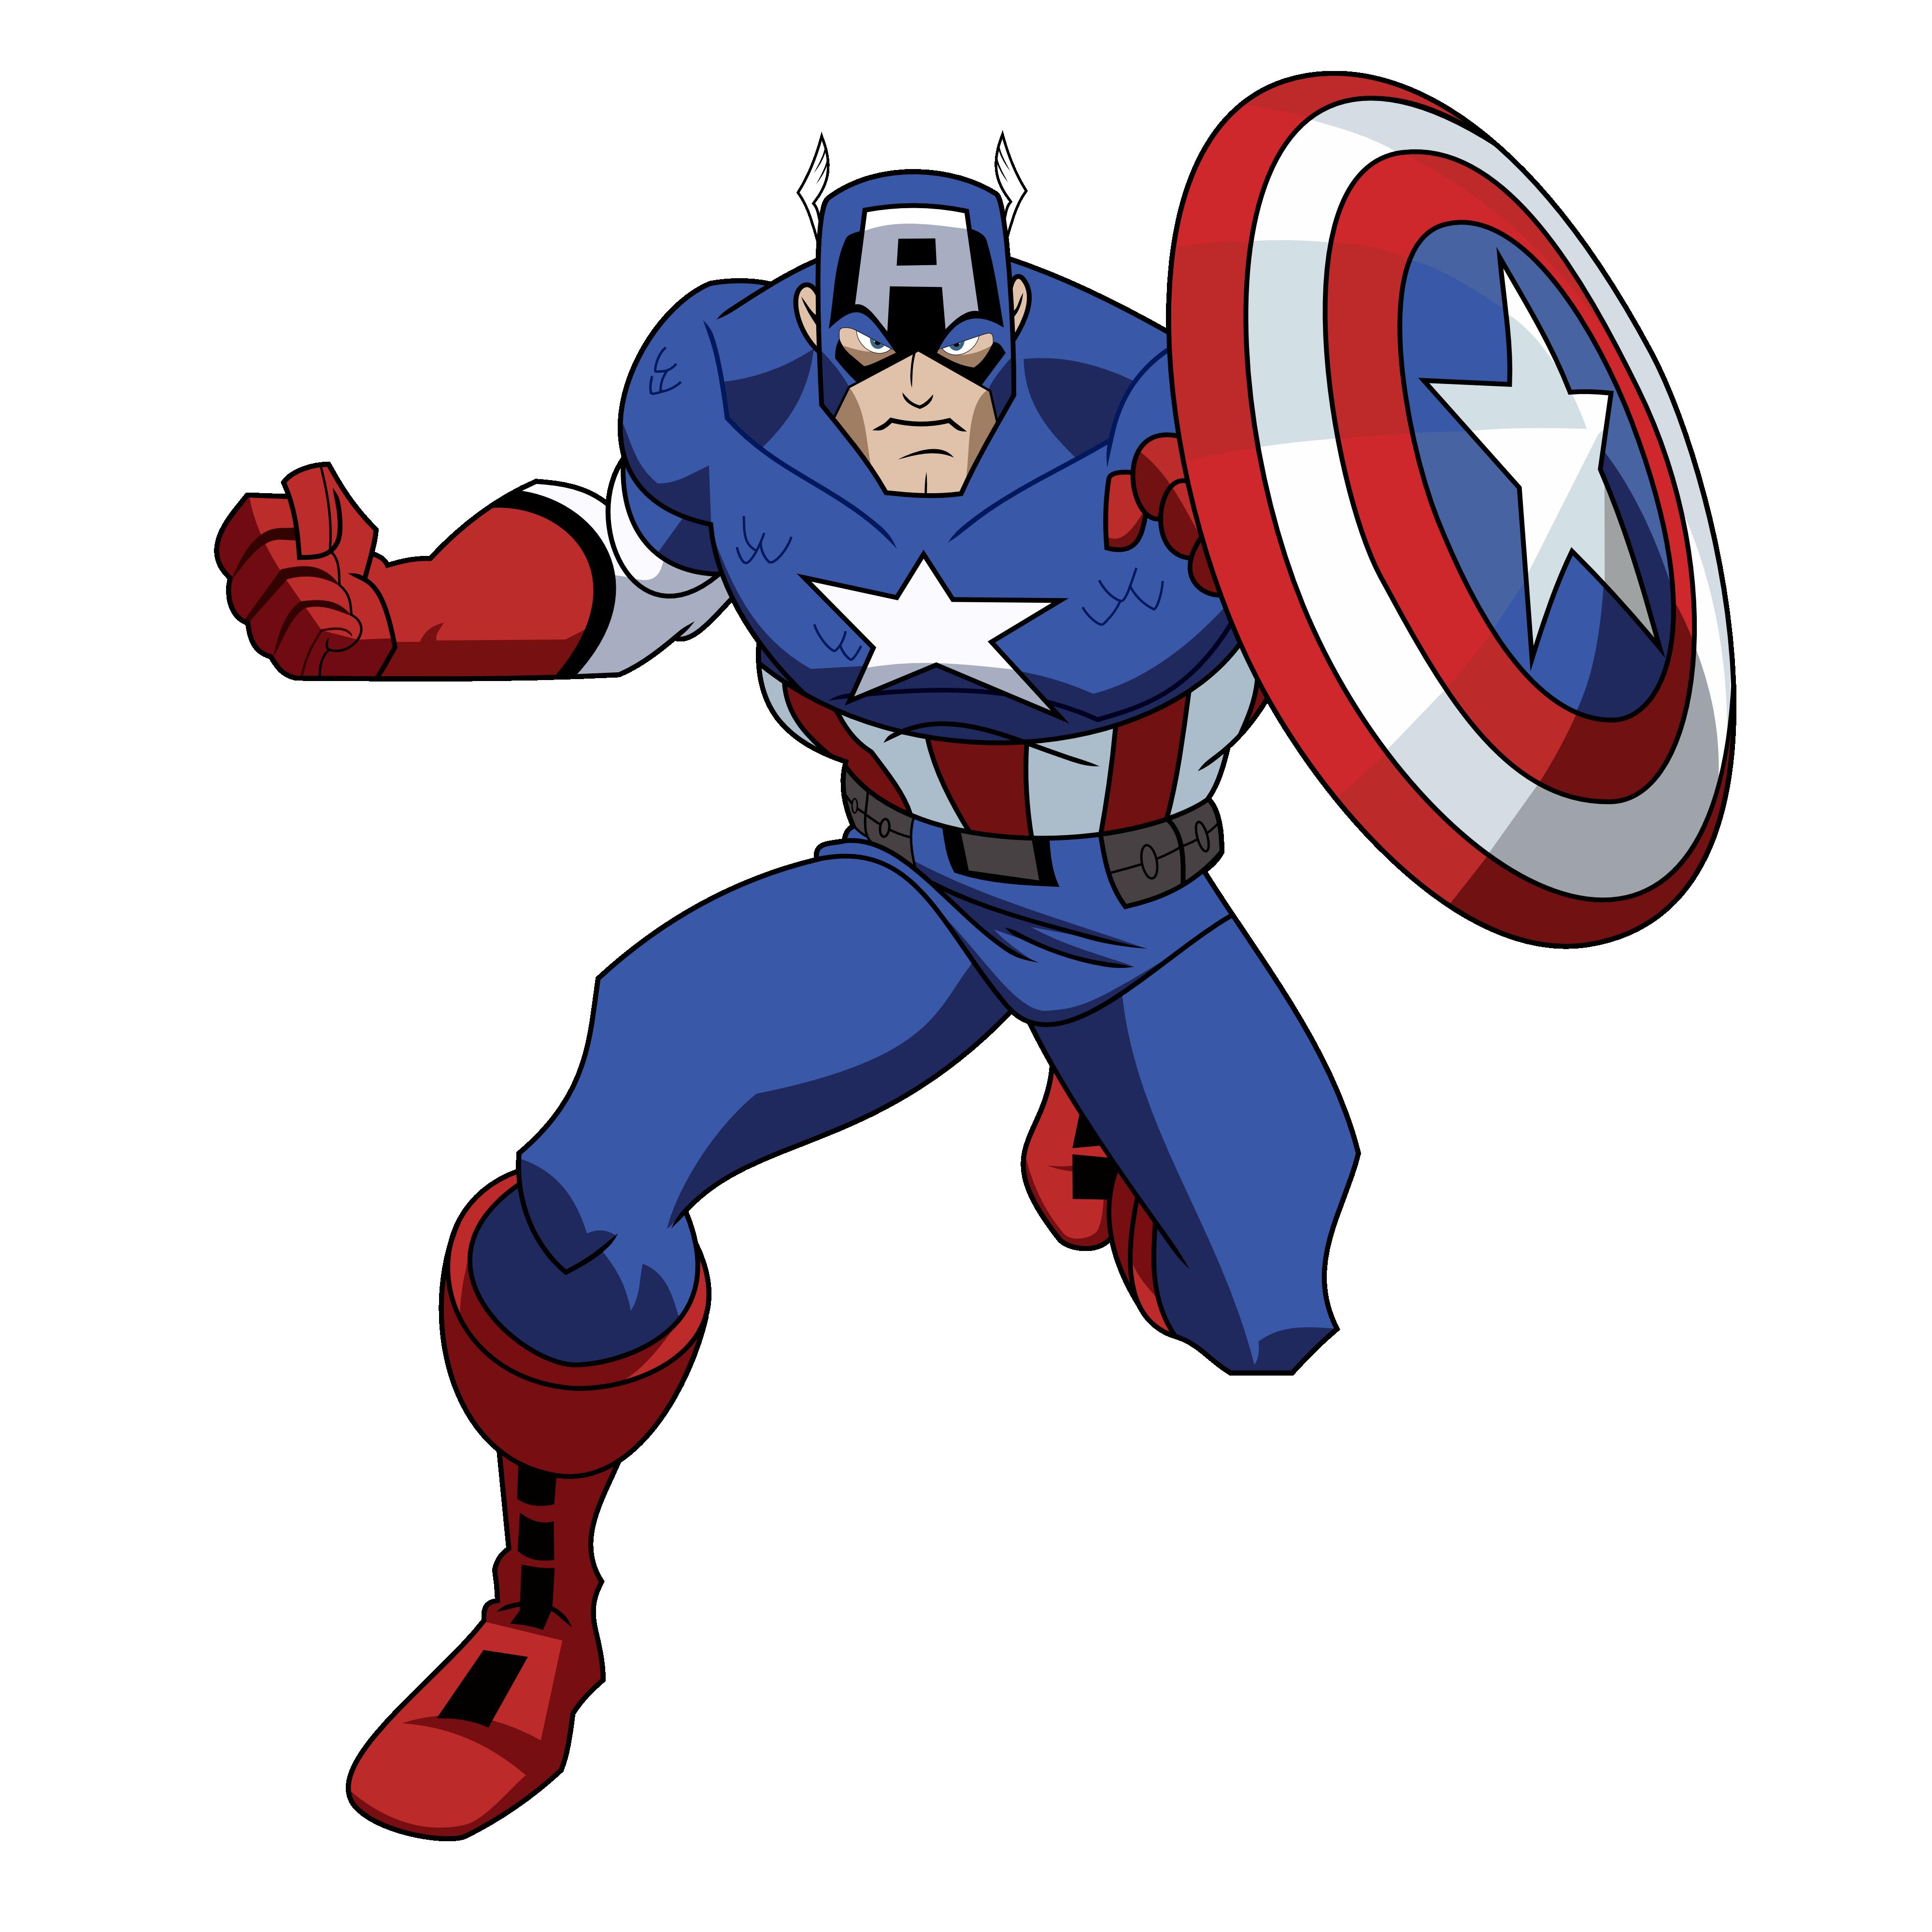 Wheel clipart captain. America images qygjxz